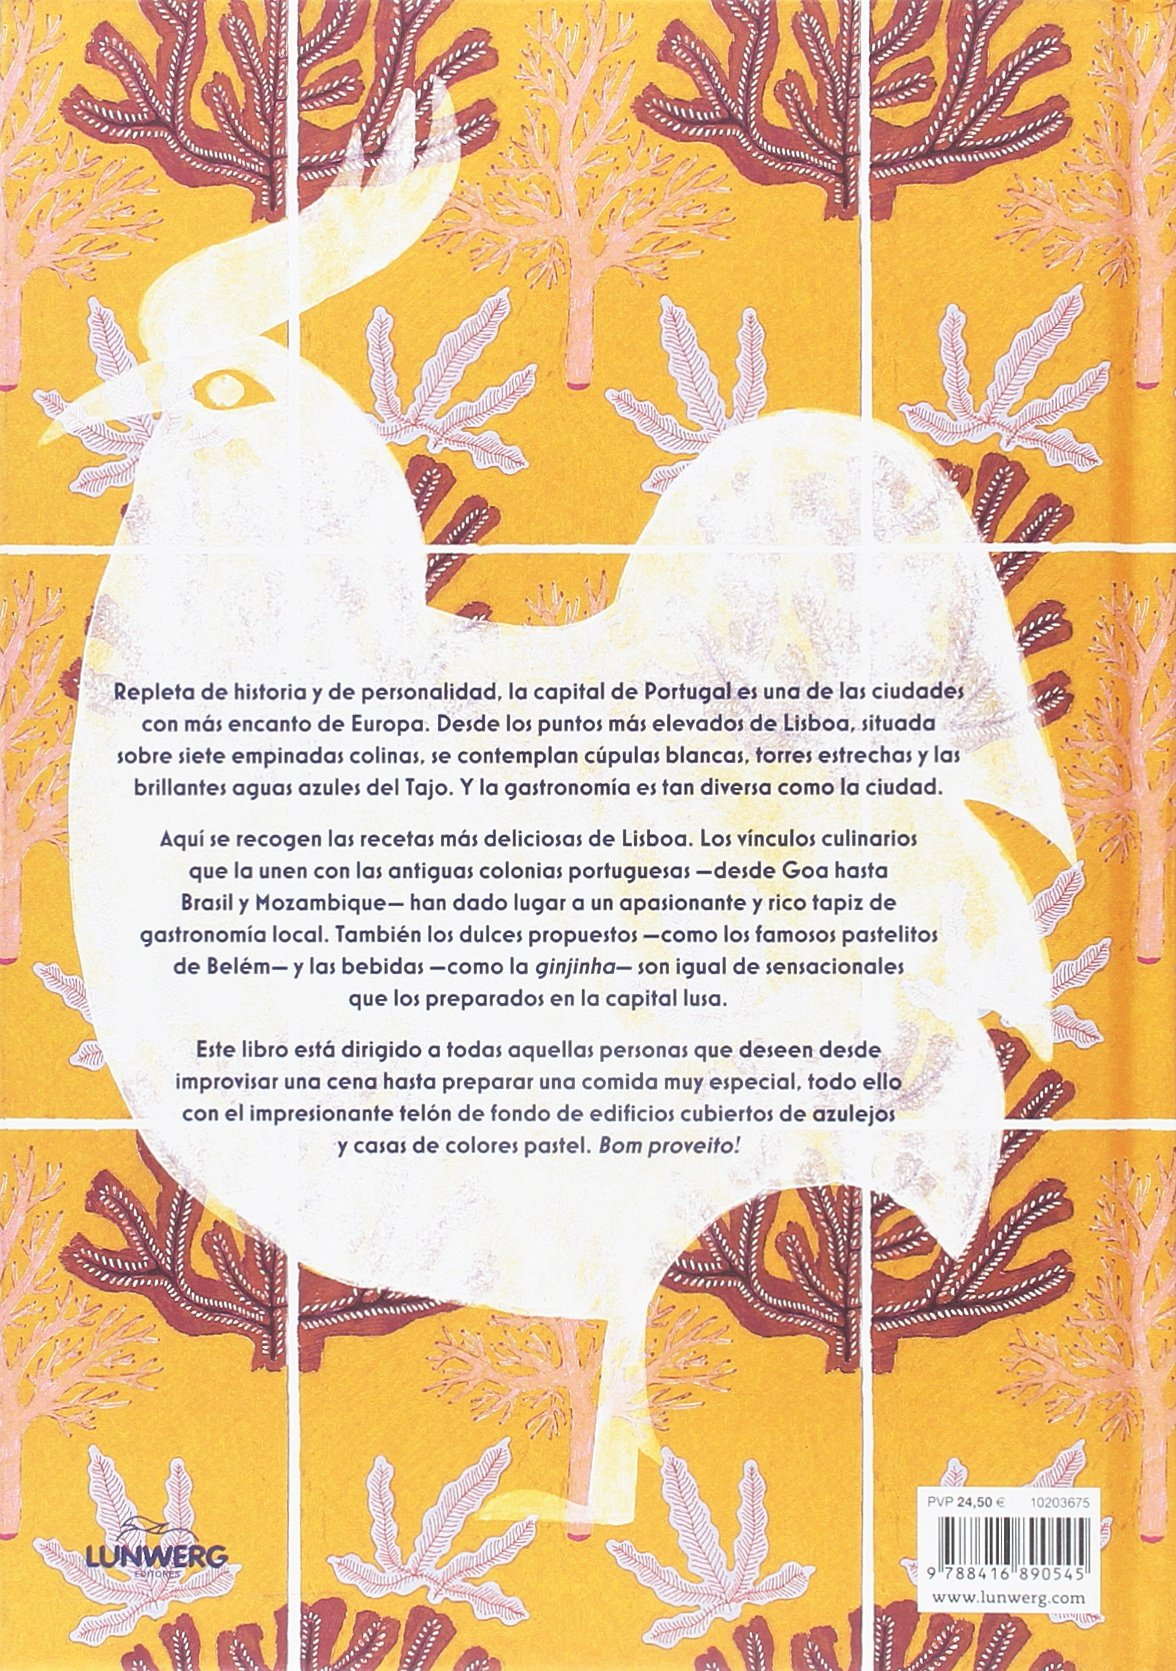 Recetas desde el coraz�n de Portugal: 9788416890545: Amazon.com: Books